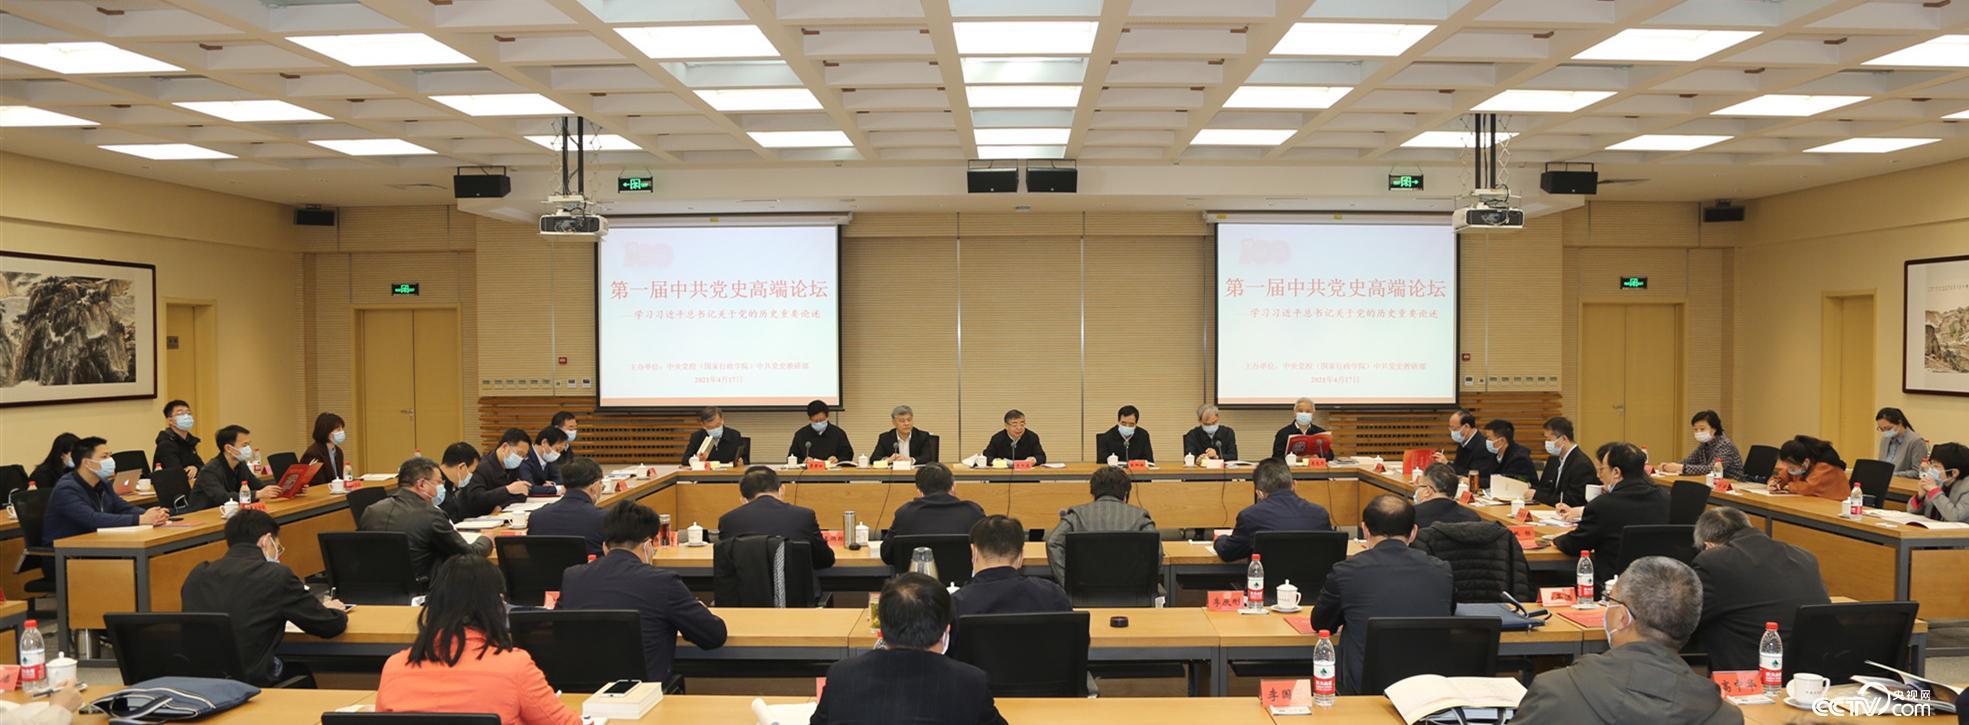 中央党校(国家行政学院)在京举办第一届中共党史高端论坛